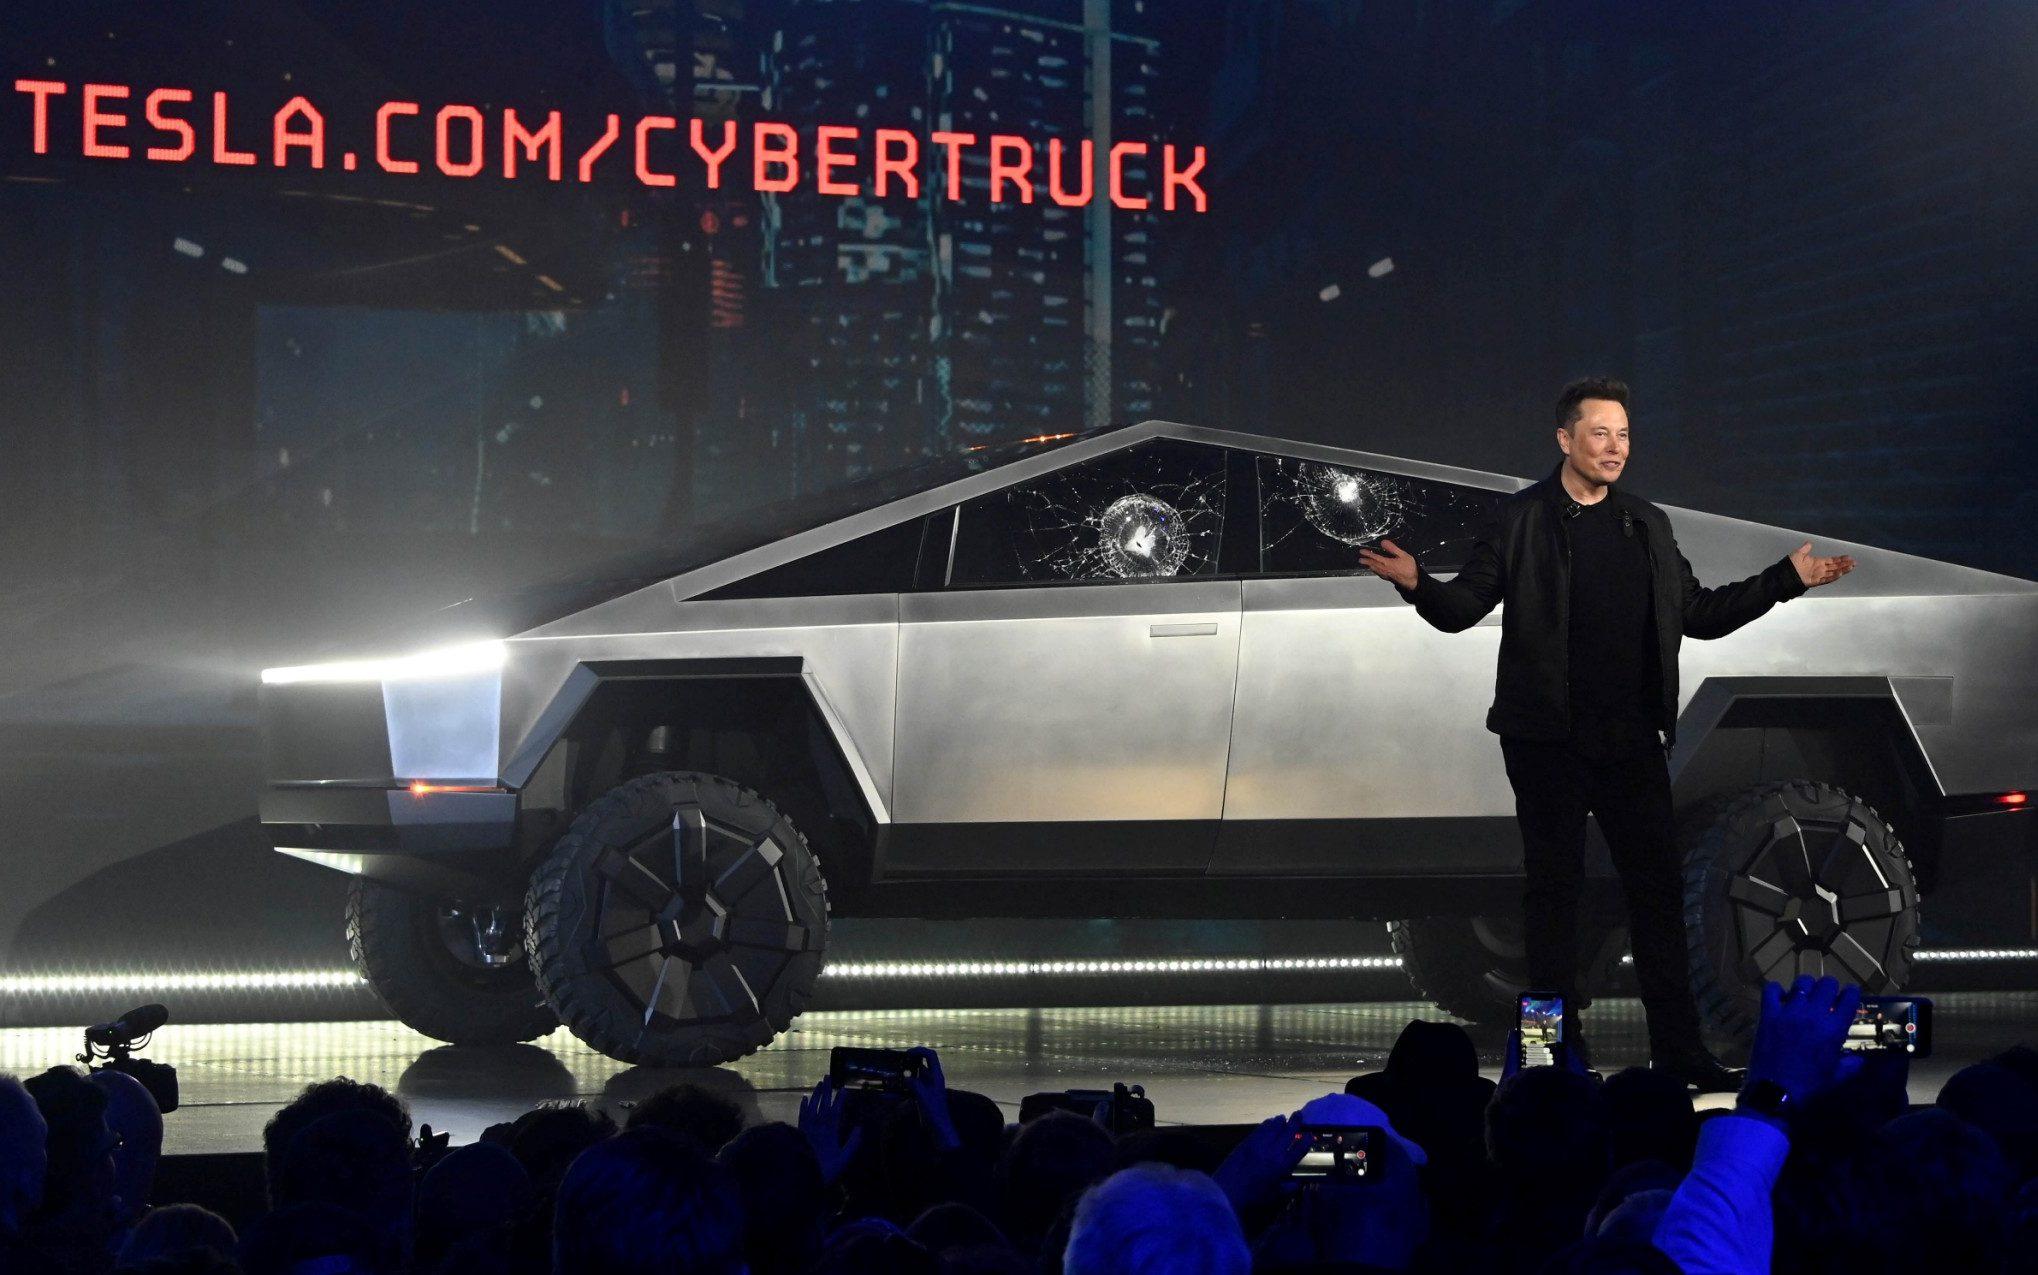 Cybertruck - Elon Musk